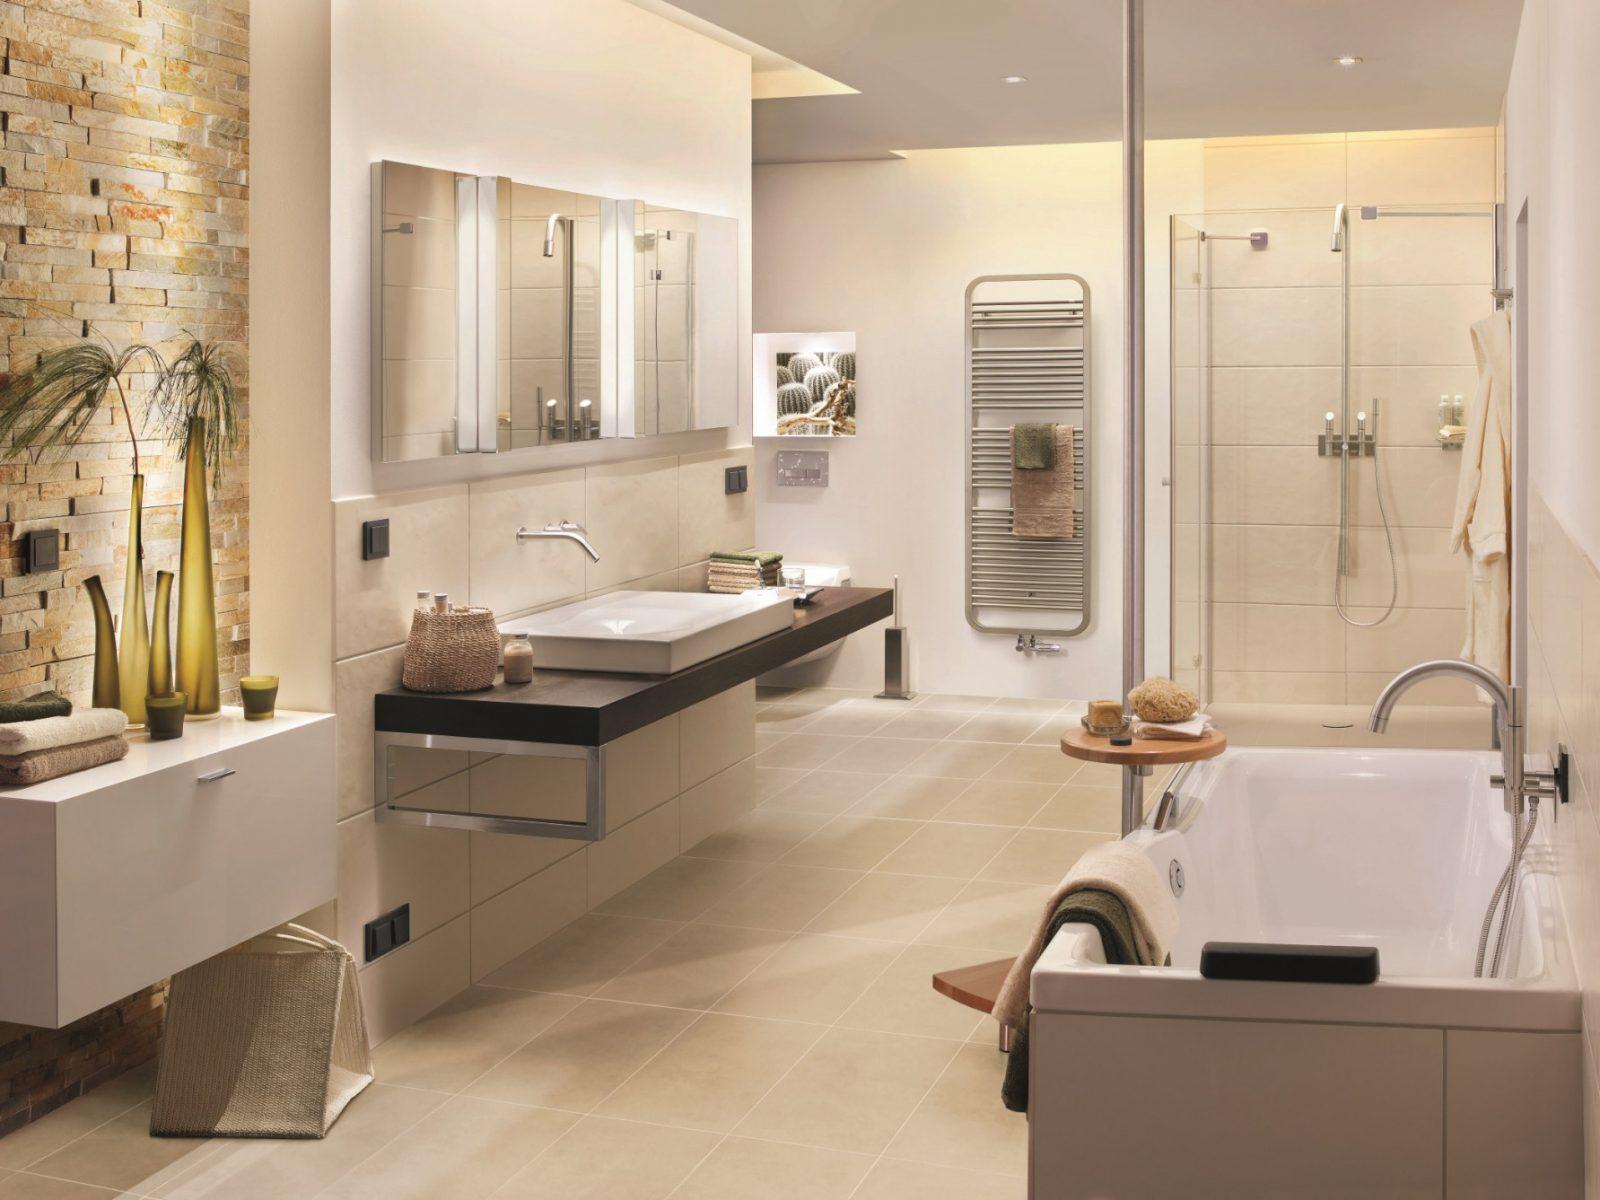 Badrenovierung – Ratgeber Und Tipps Zur Gestaltung  Obi von Kleines Bad Renovieren Ideen Bild